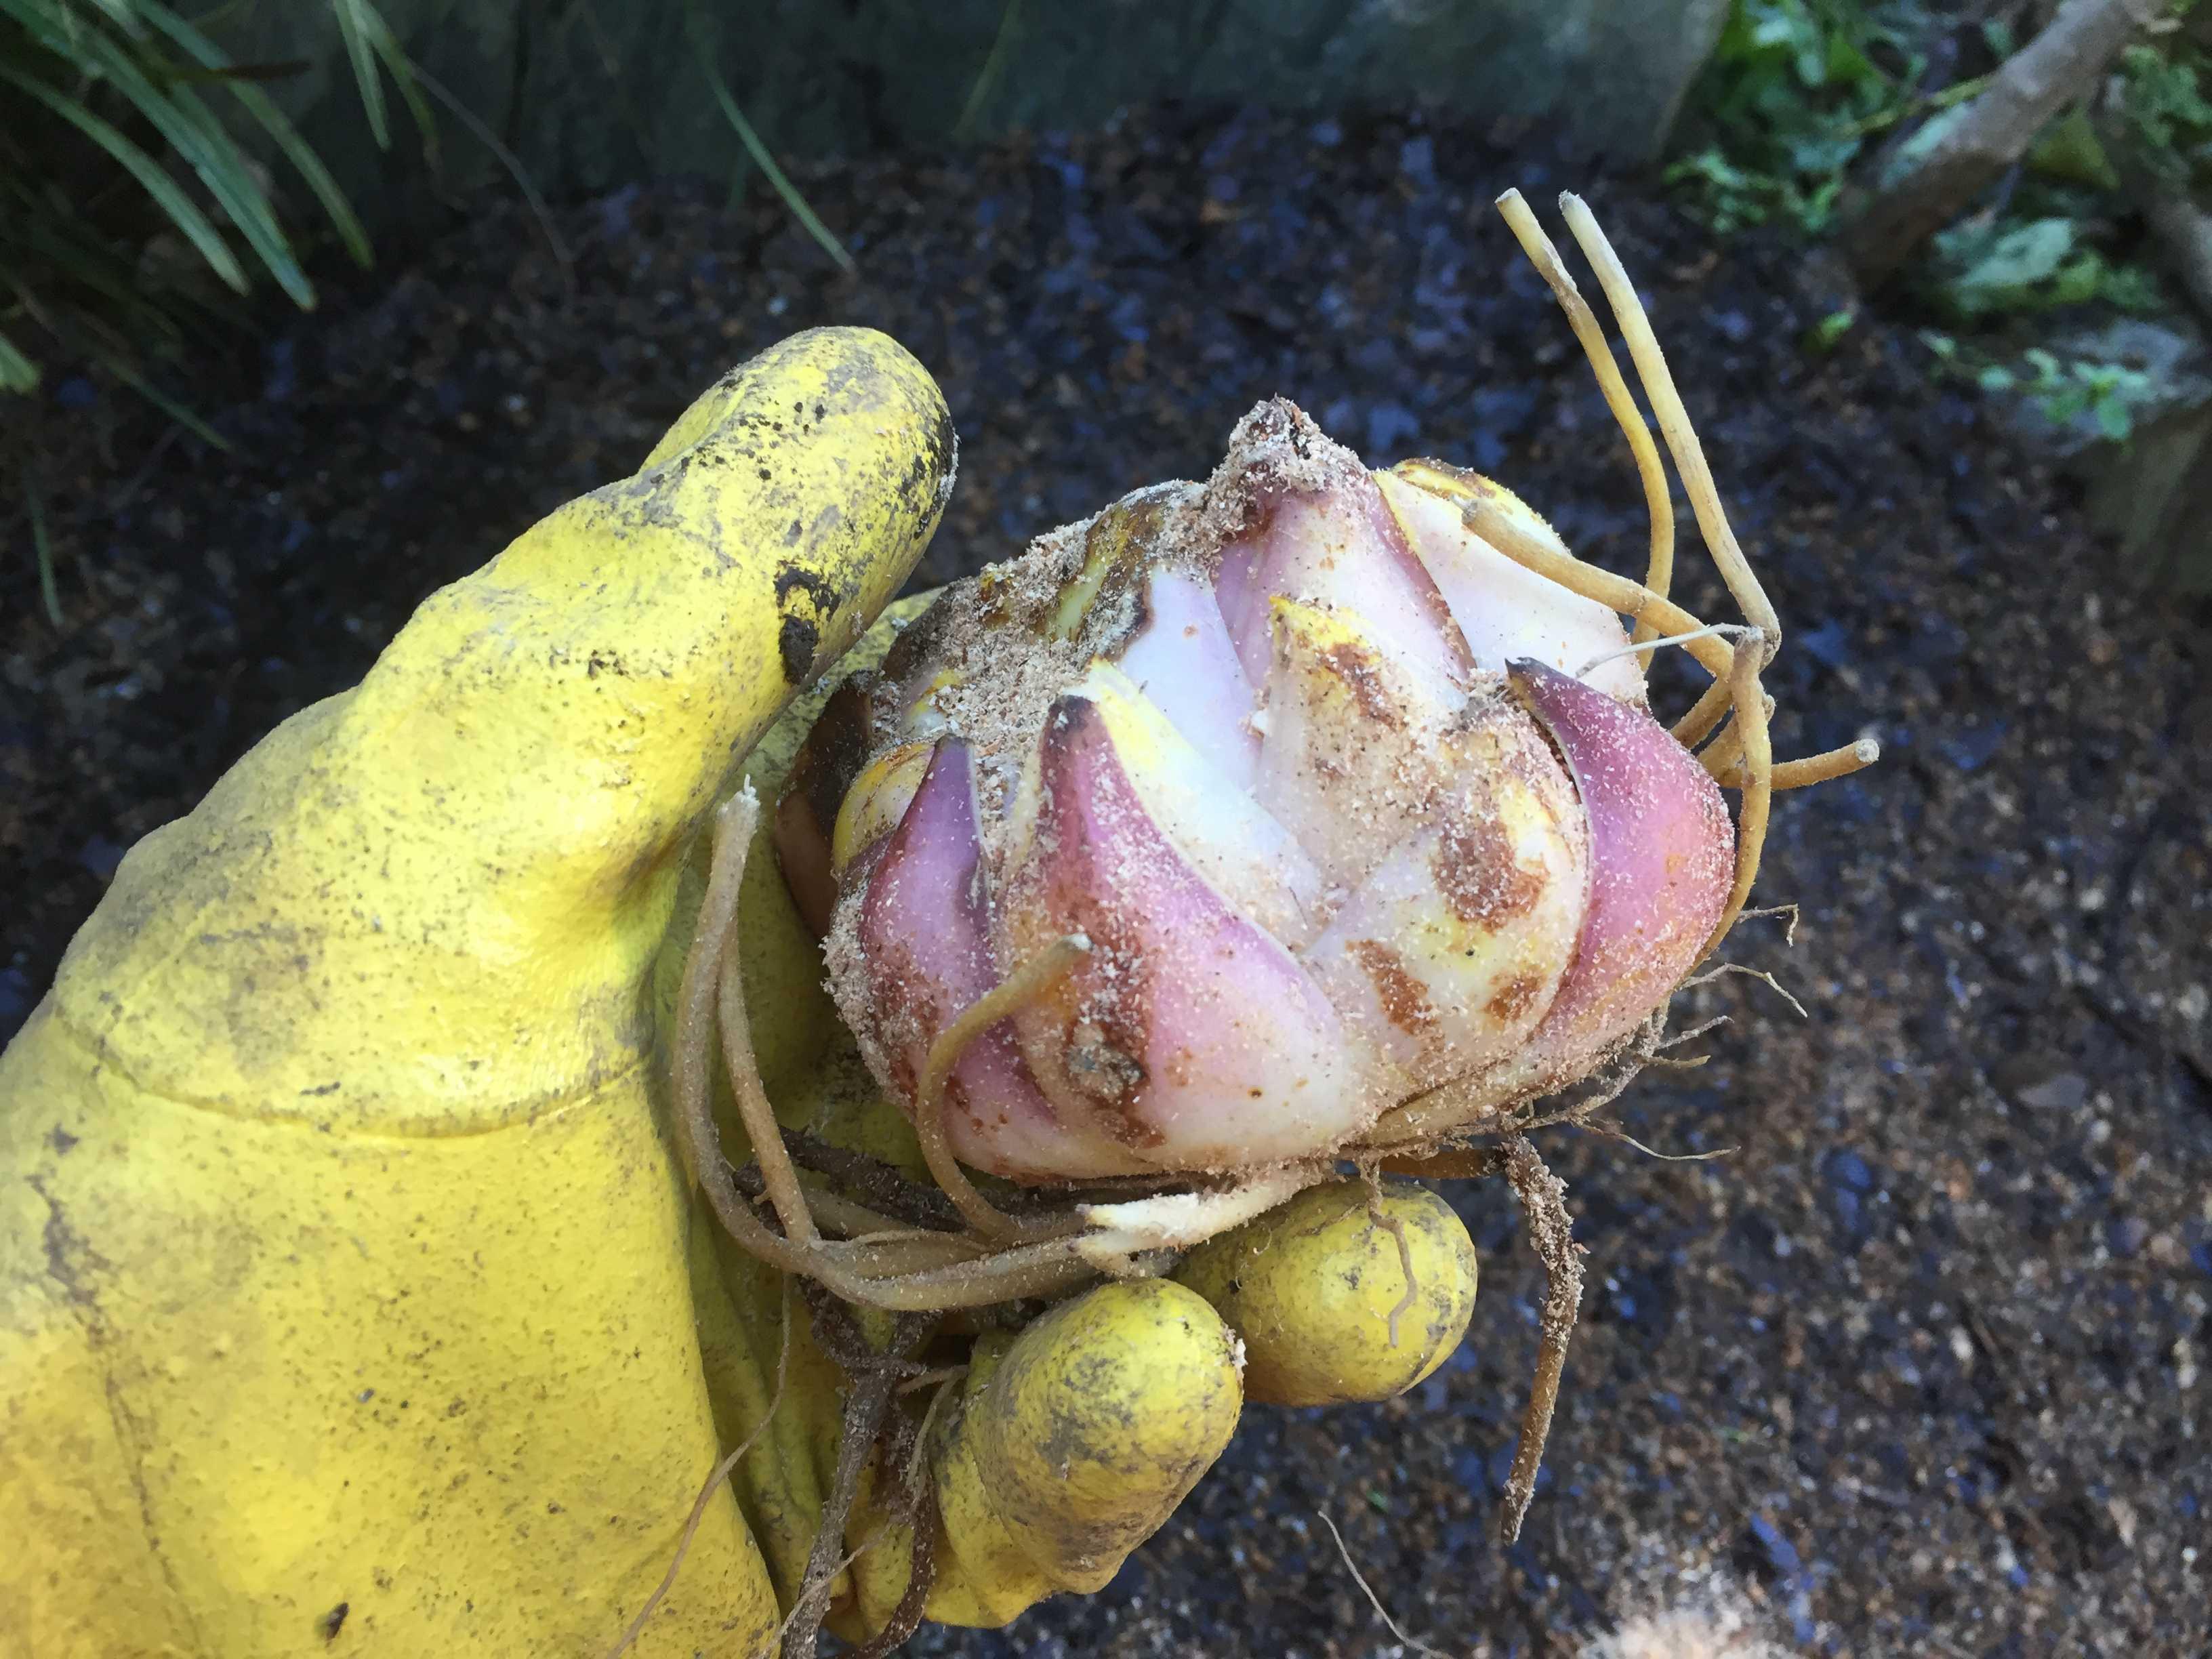 ヤマユリの球根植え付け - 特大球の球根